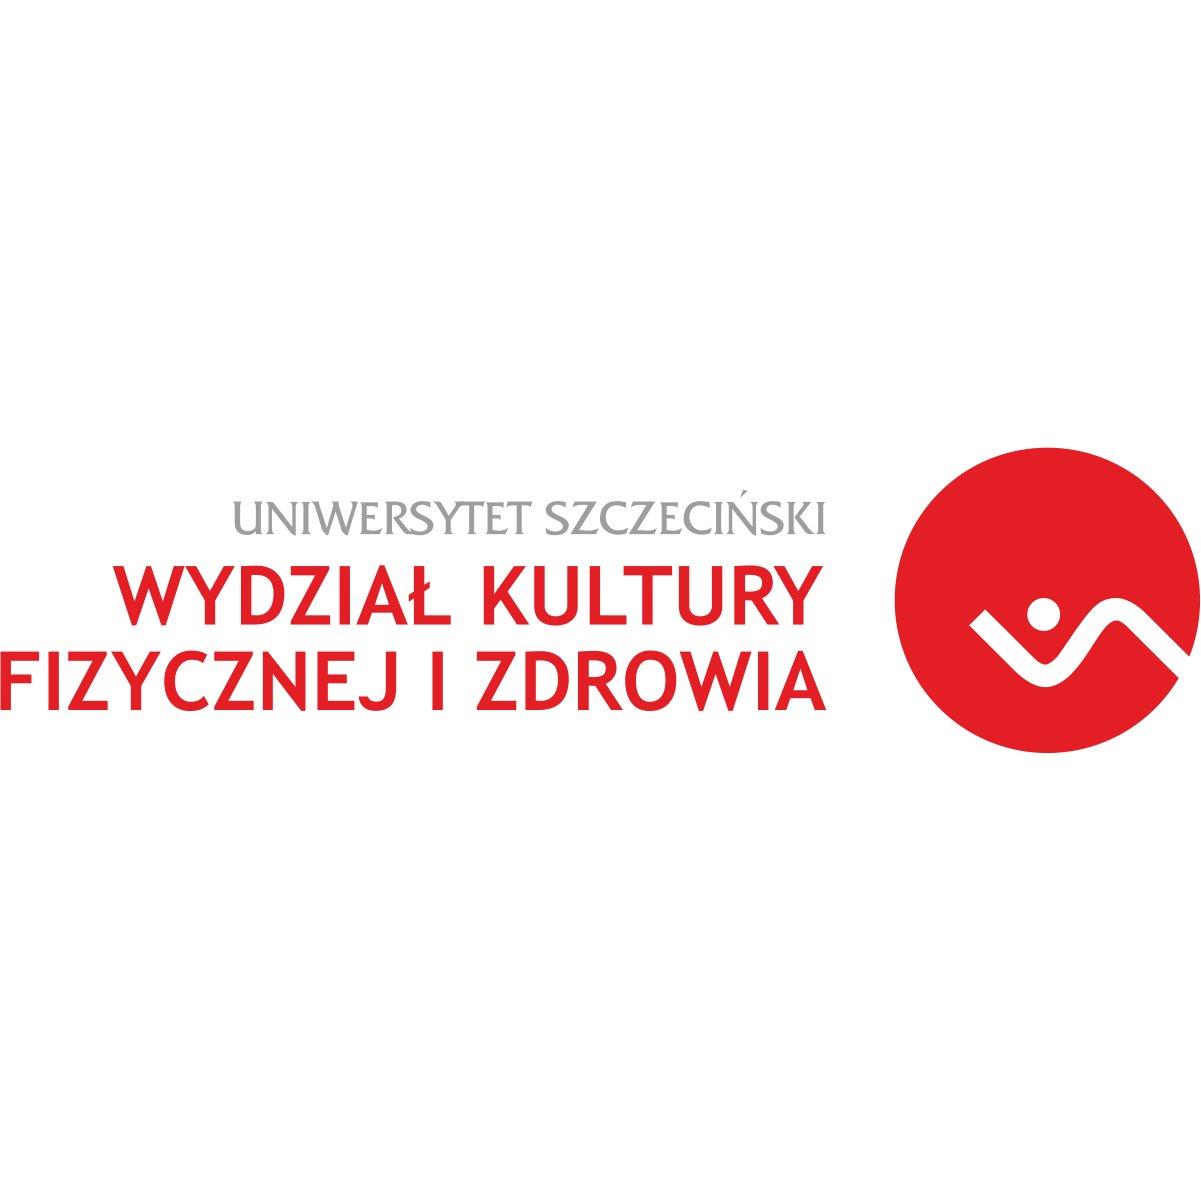 Uniwersytet Szczeciński - Wydział Kultury Fizycznej i Zdrowia